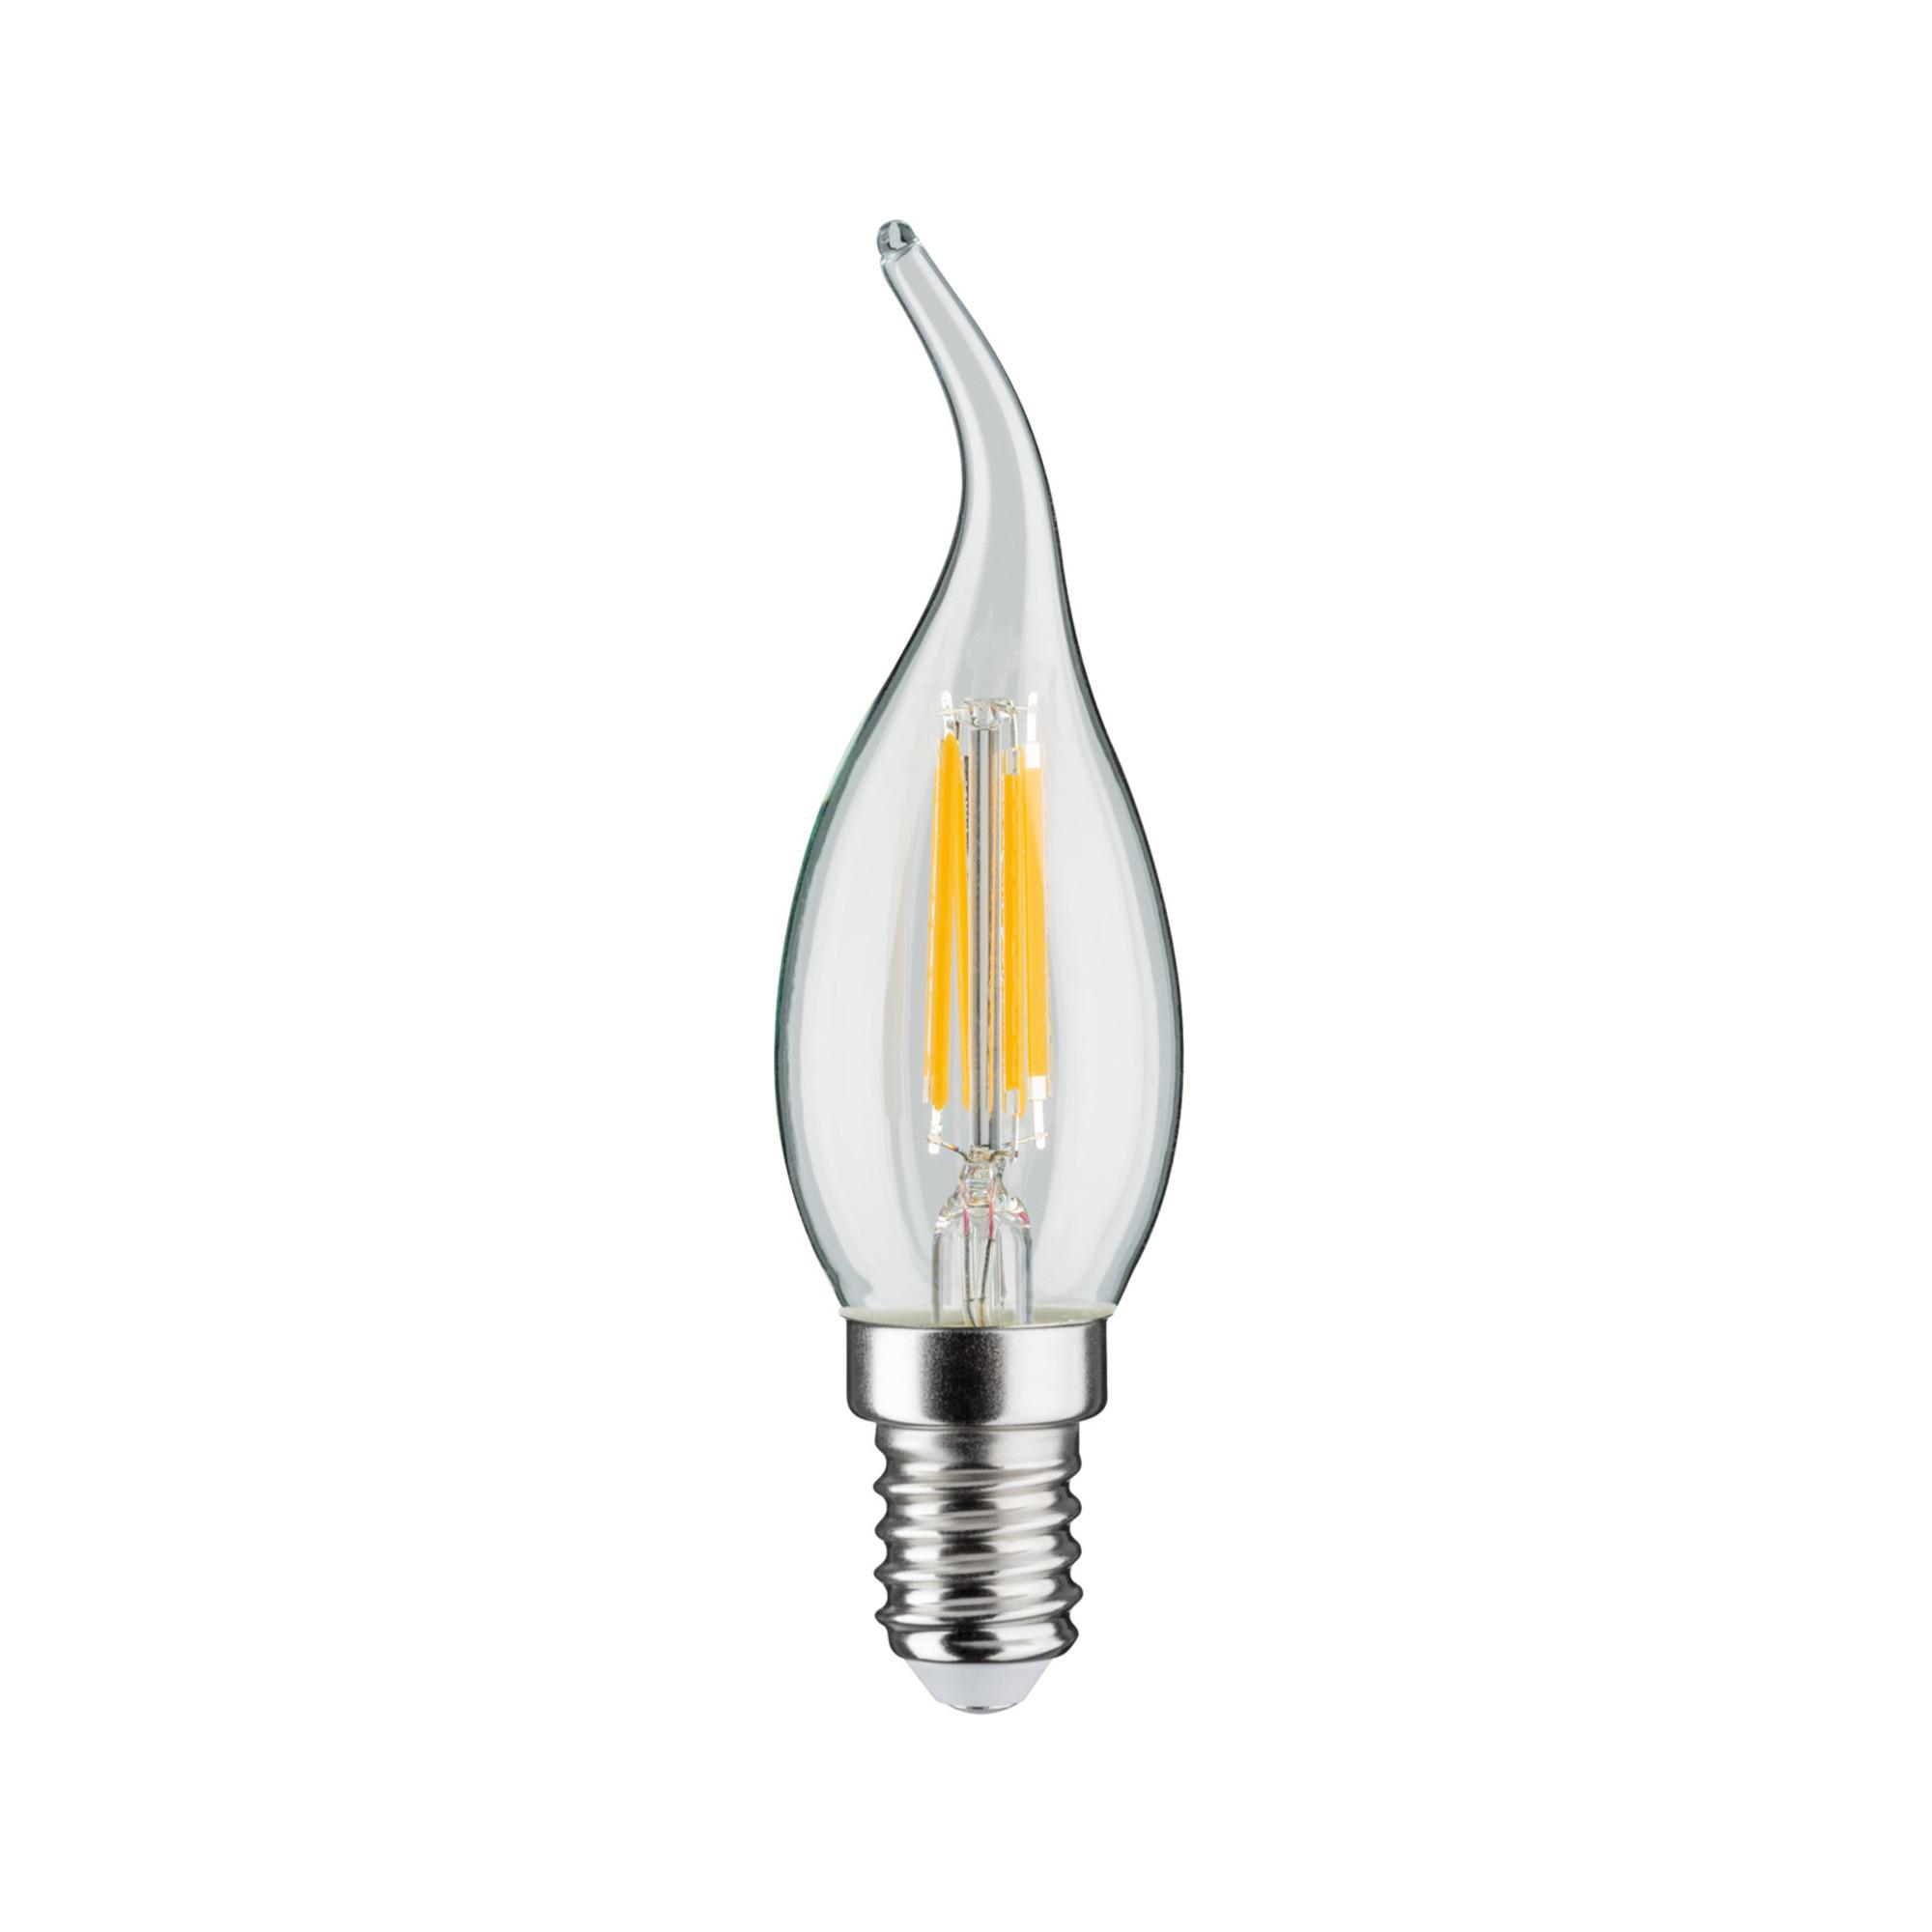 Лампа филаментная Paulmann Ретро Свеча на ветру 4.5Вт 470лм 2700К Е14 230В Прозрачный Регулируемая яркость 28508.